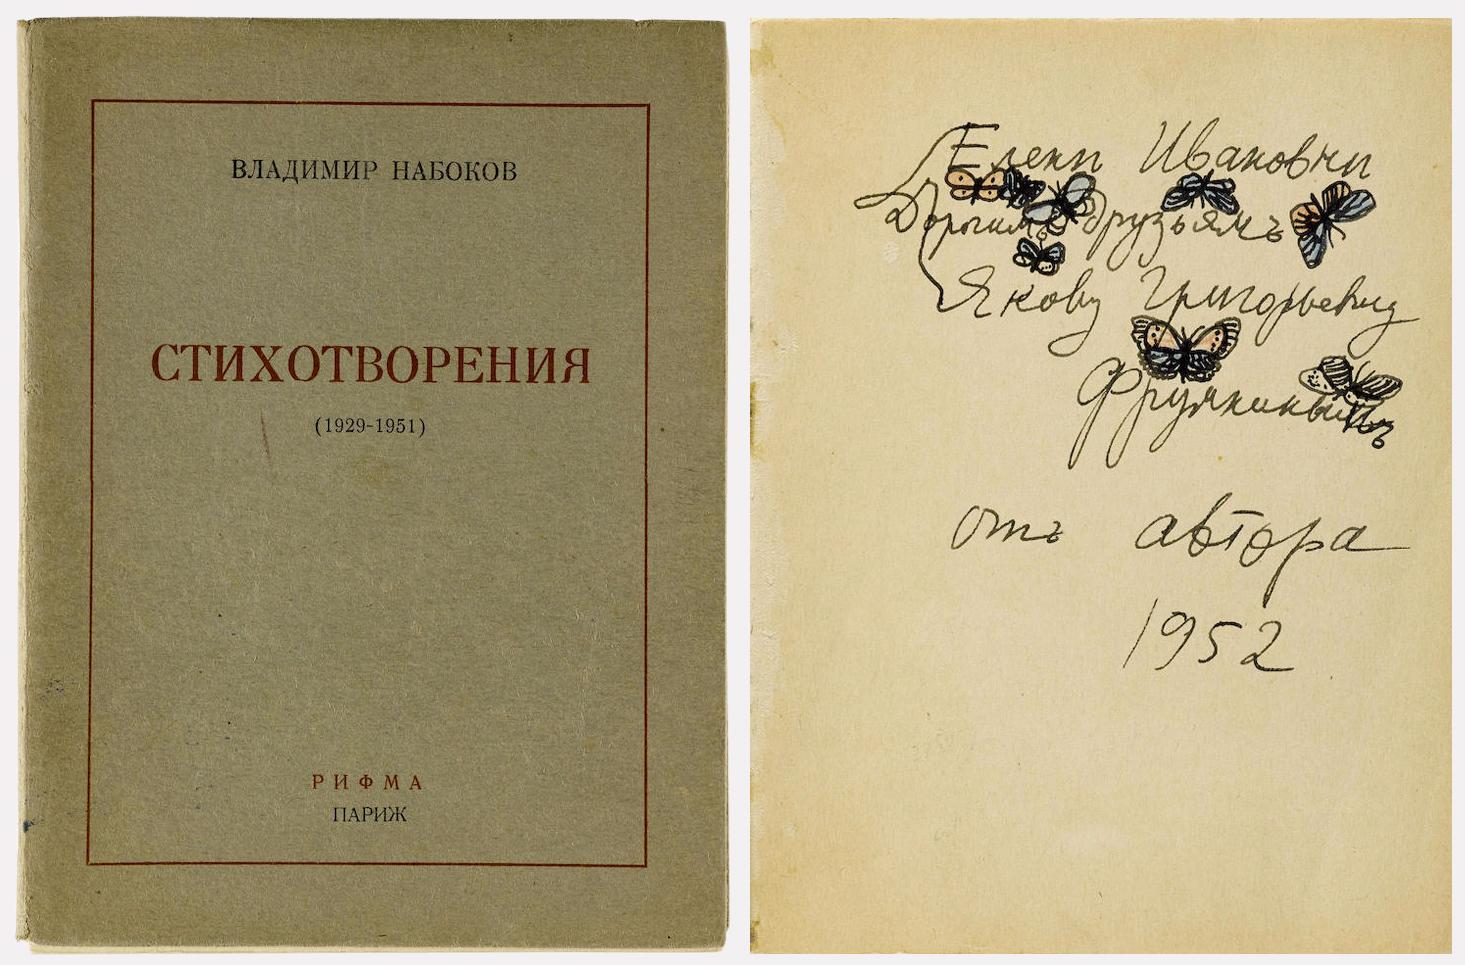 Сборник стихов Владимира Набокова, Париж, издательство «Рифма», 1952